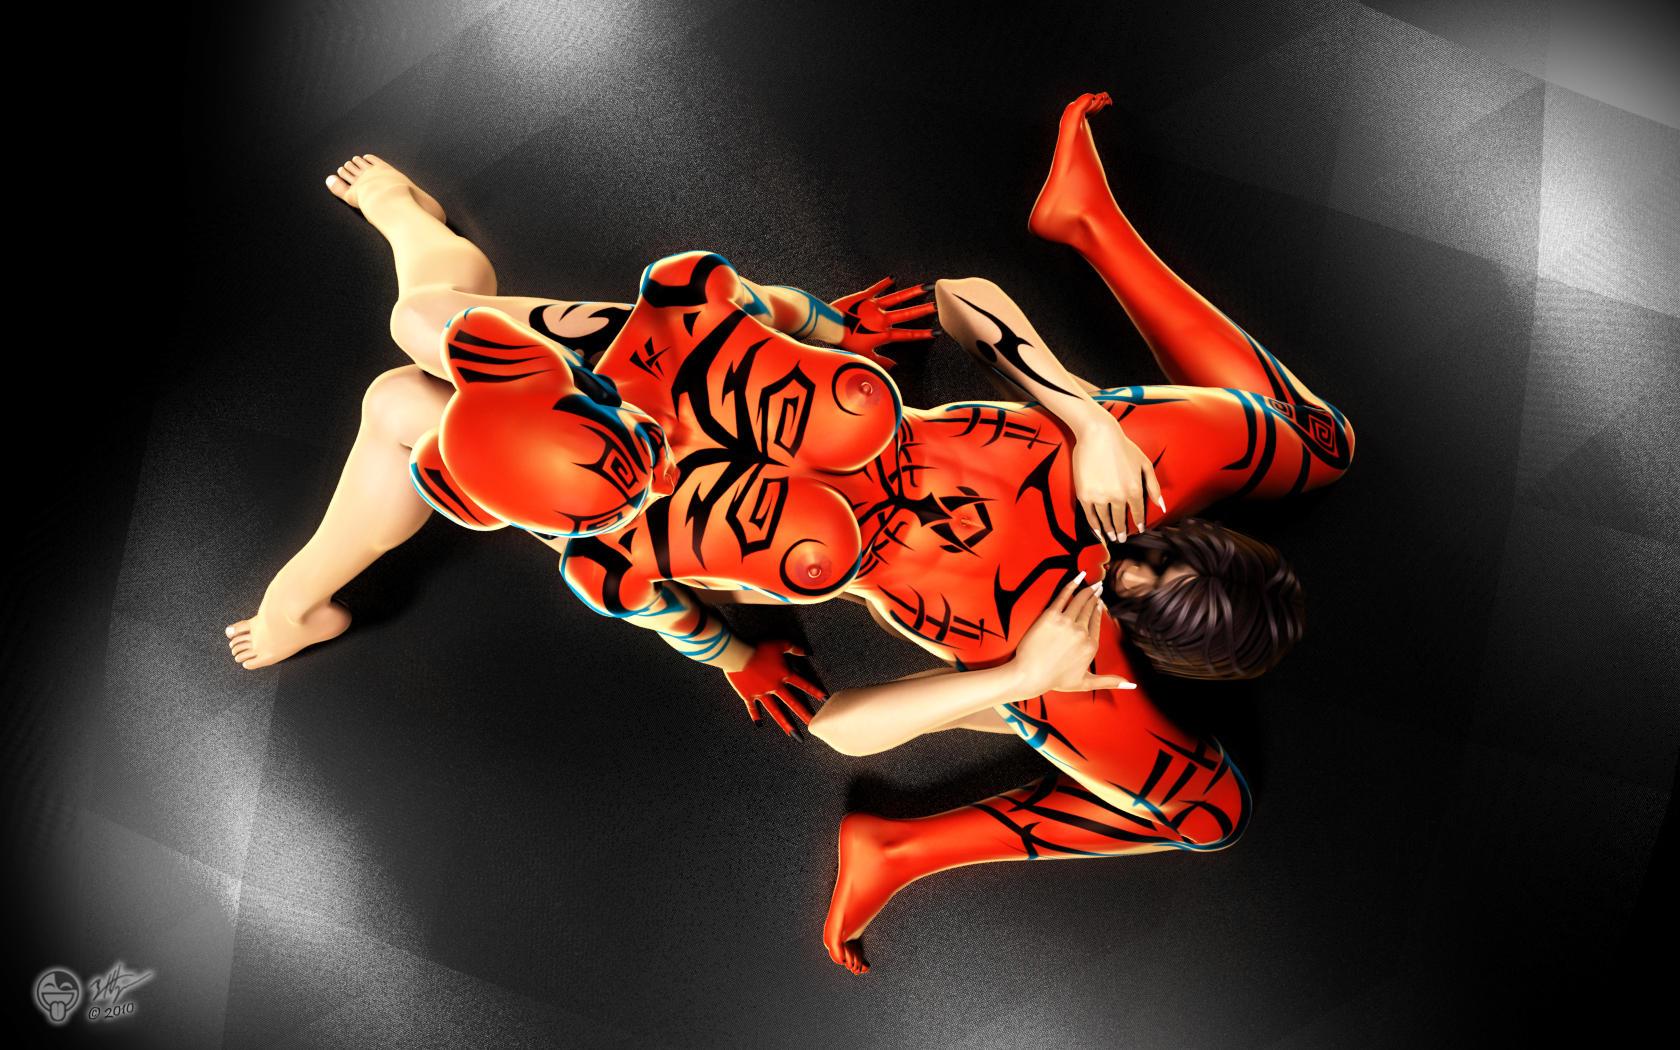 hot darth wars talon star Kedamono (kazoku) tachi no sumu ie de